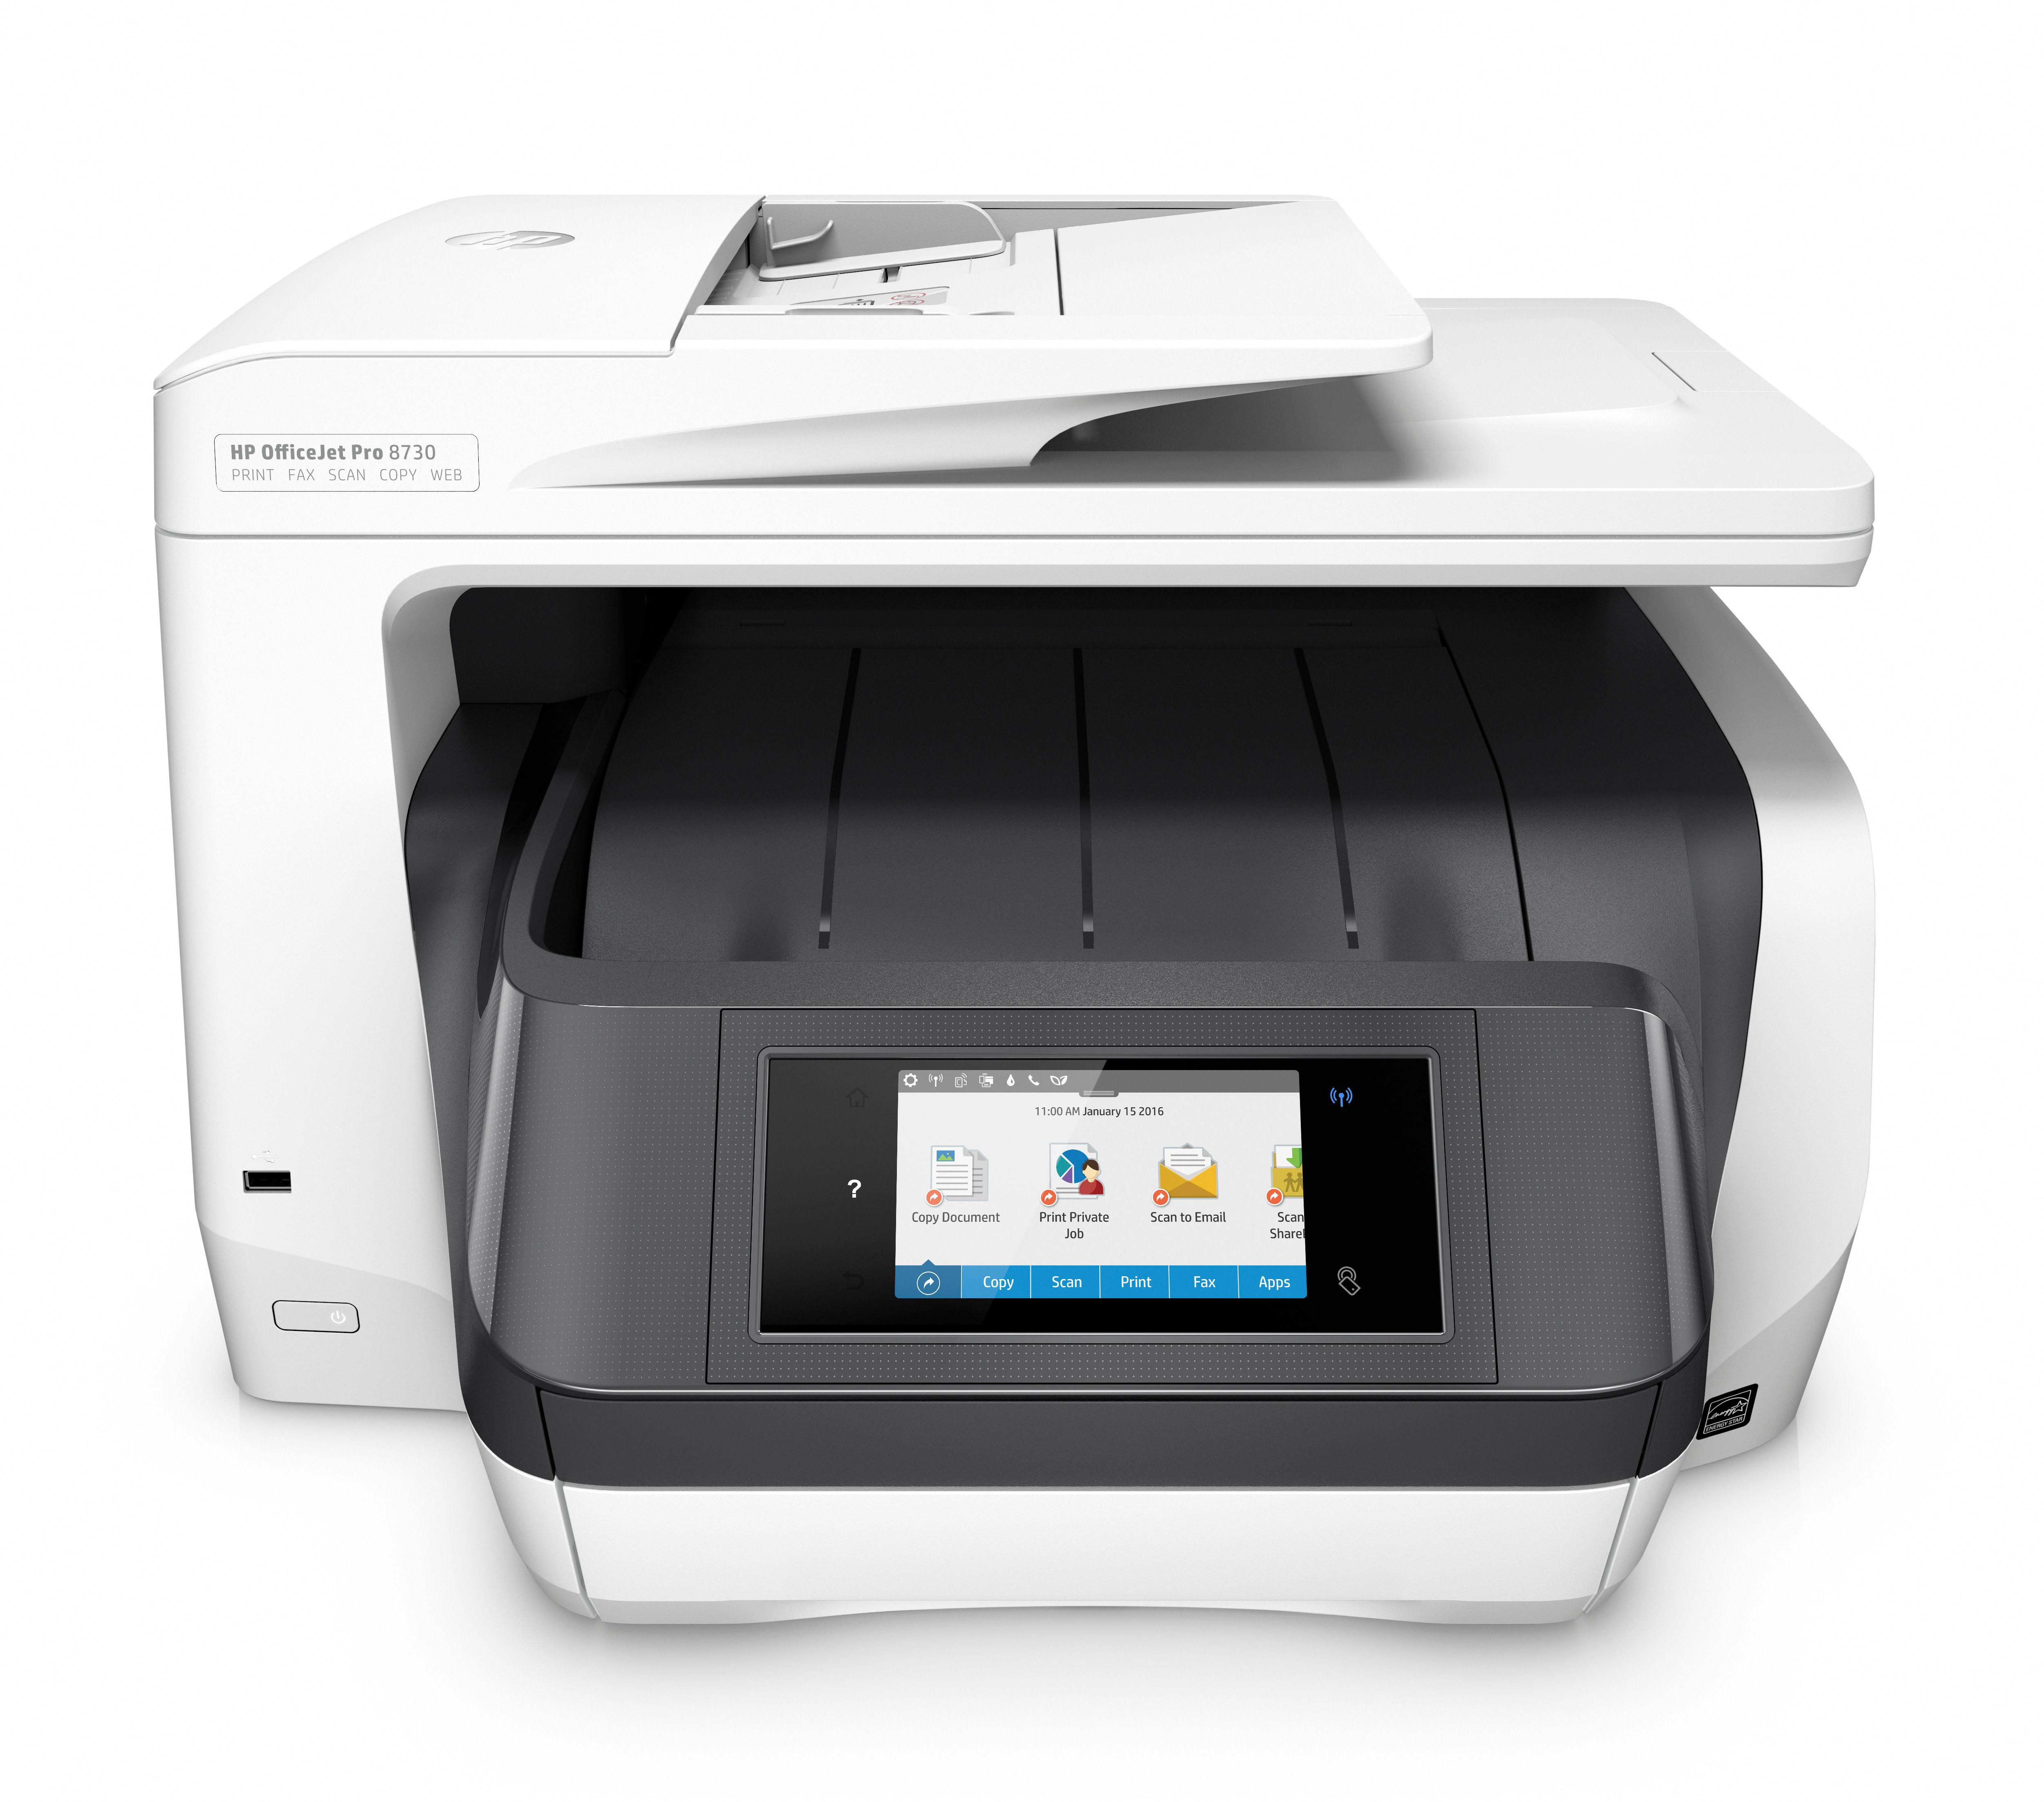 МФУ HP Officejet Pro 8730 D9L20A цветное струйное с Wi-Fi